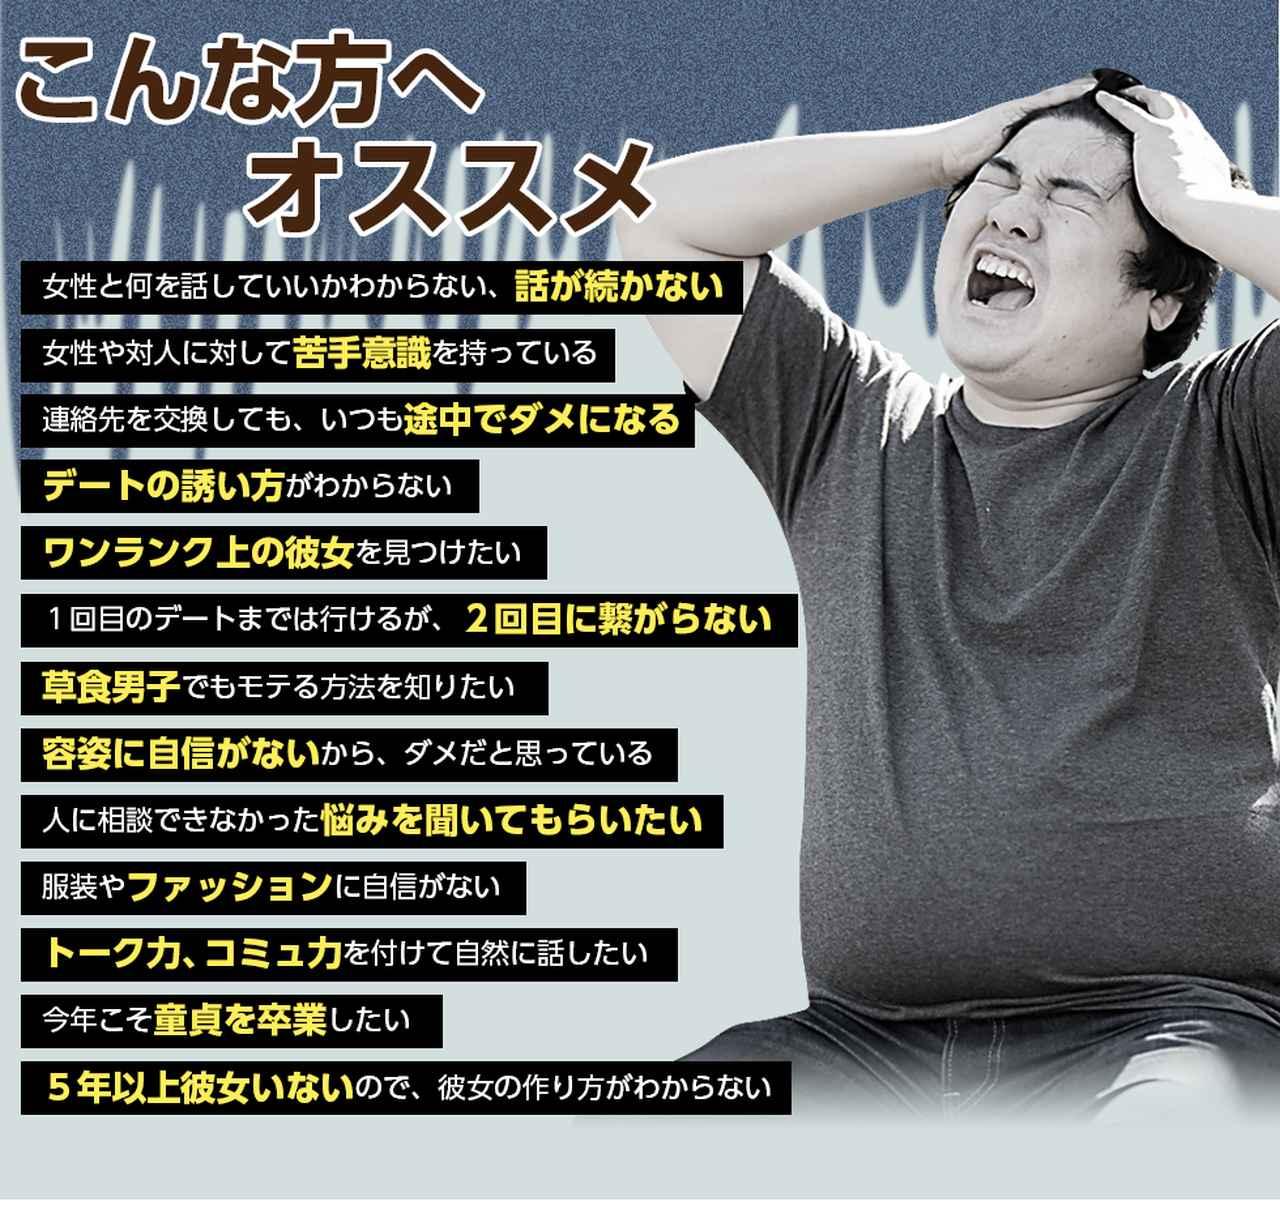 画像: 彼女いない年数×500円を支払いますキャンペーン